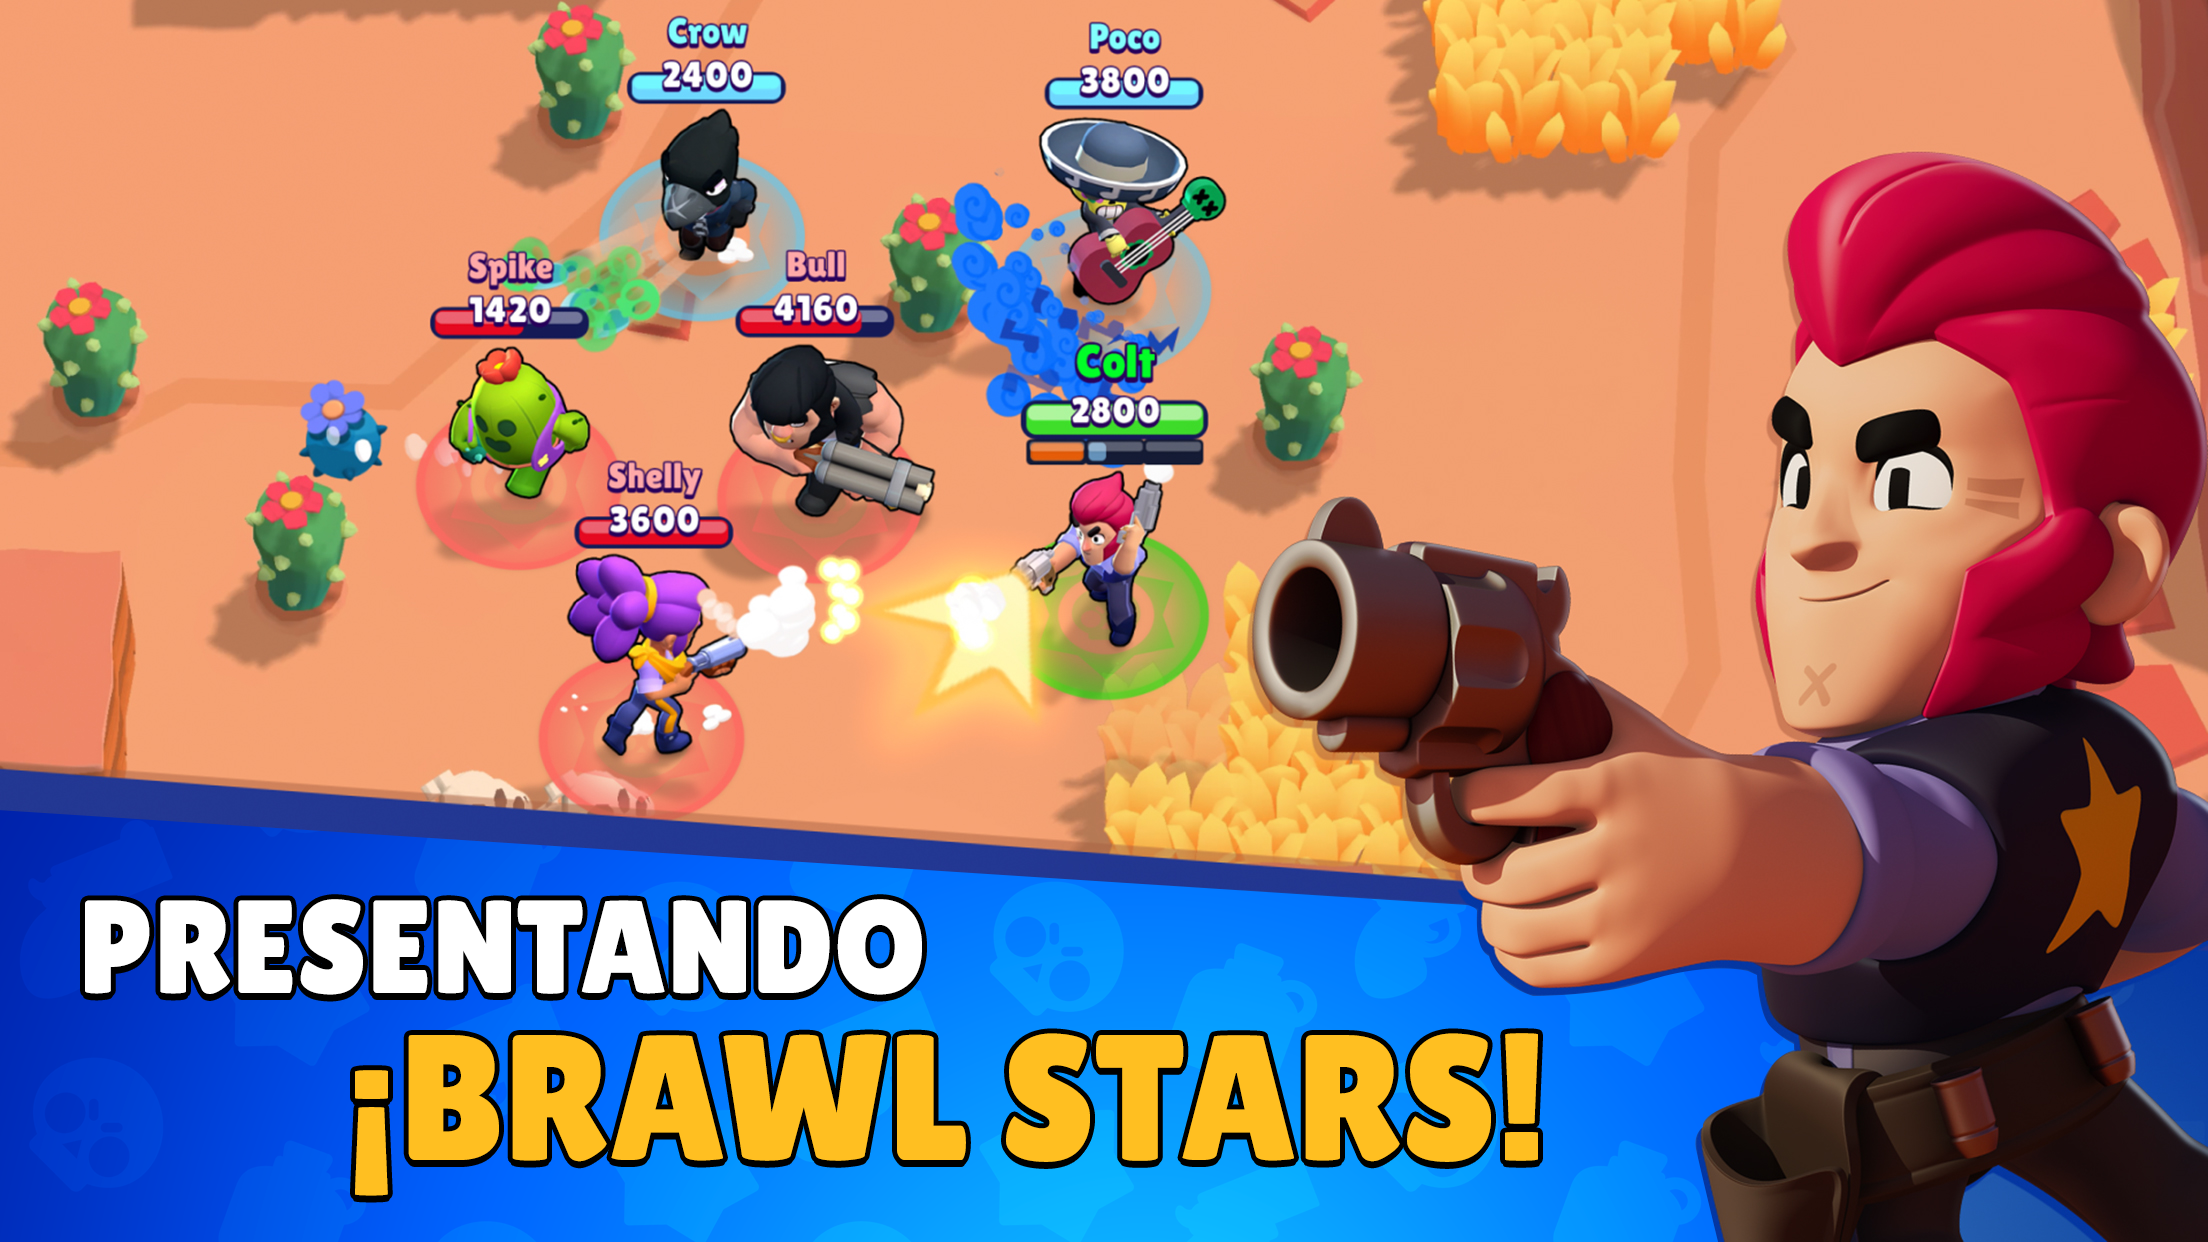 ¡ya está aquí brawl stars el juego nuevo de supercell